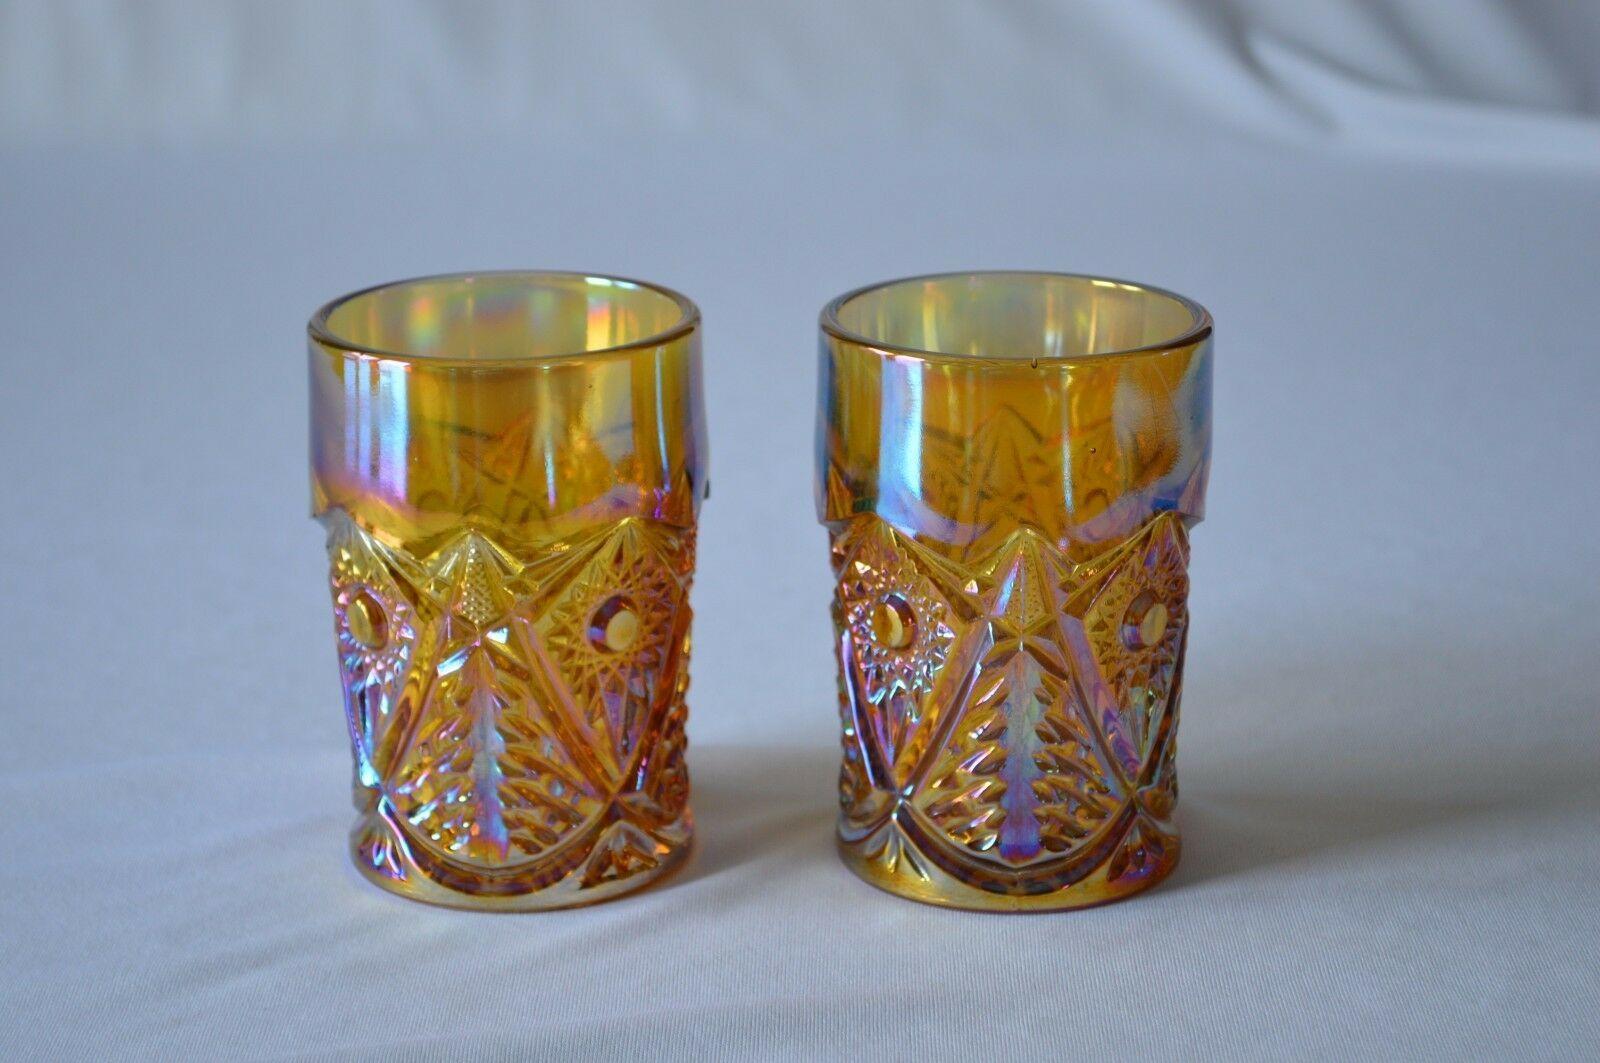 2 L E Smith Carnival Glass Valtec Tumblers image 3